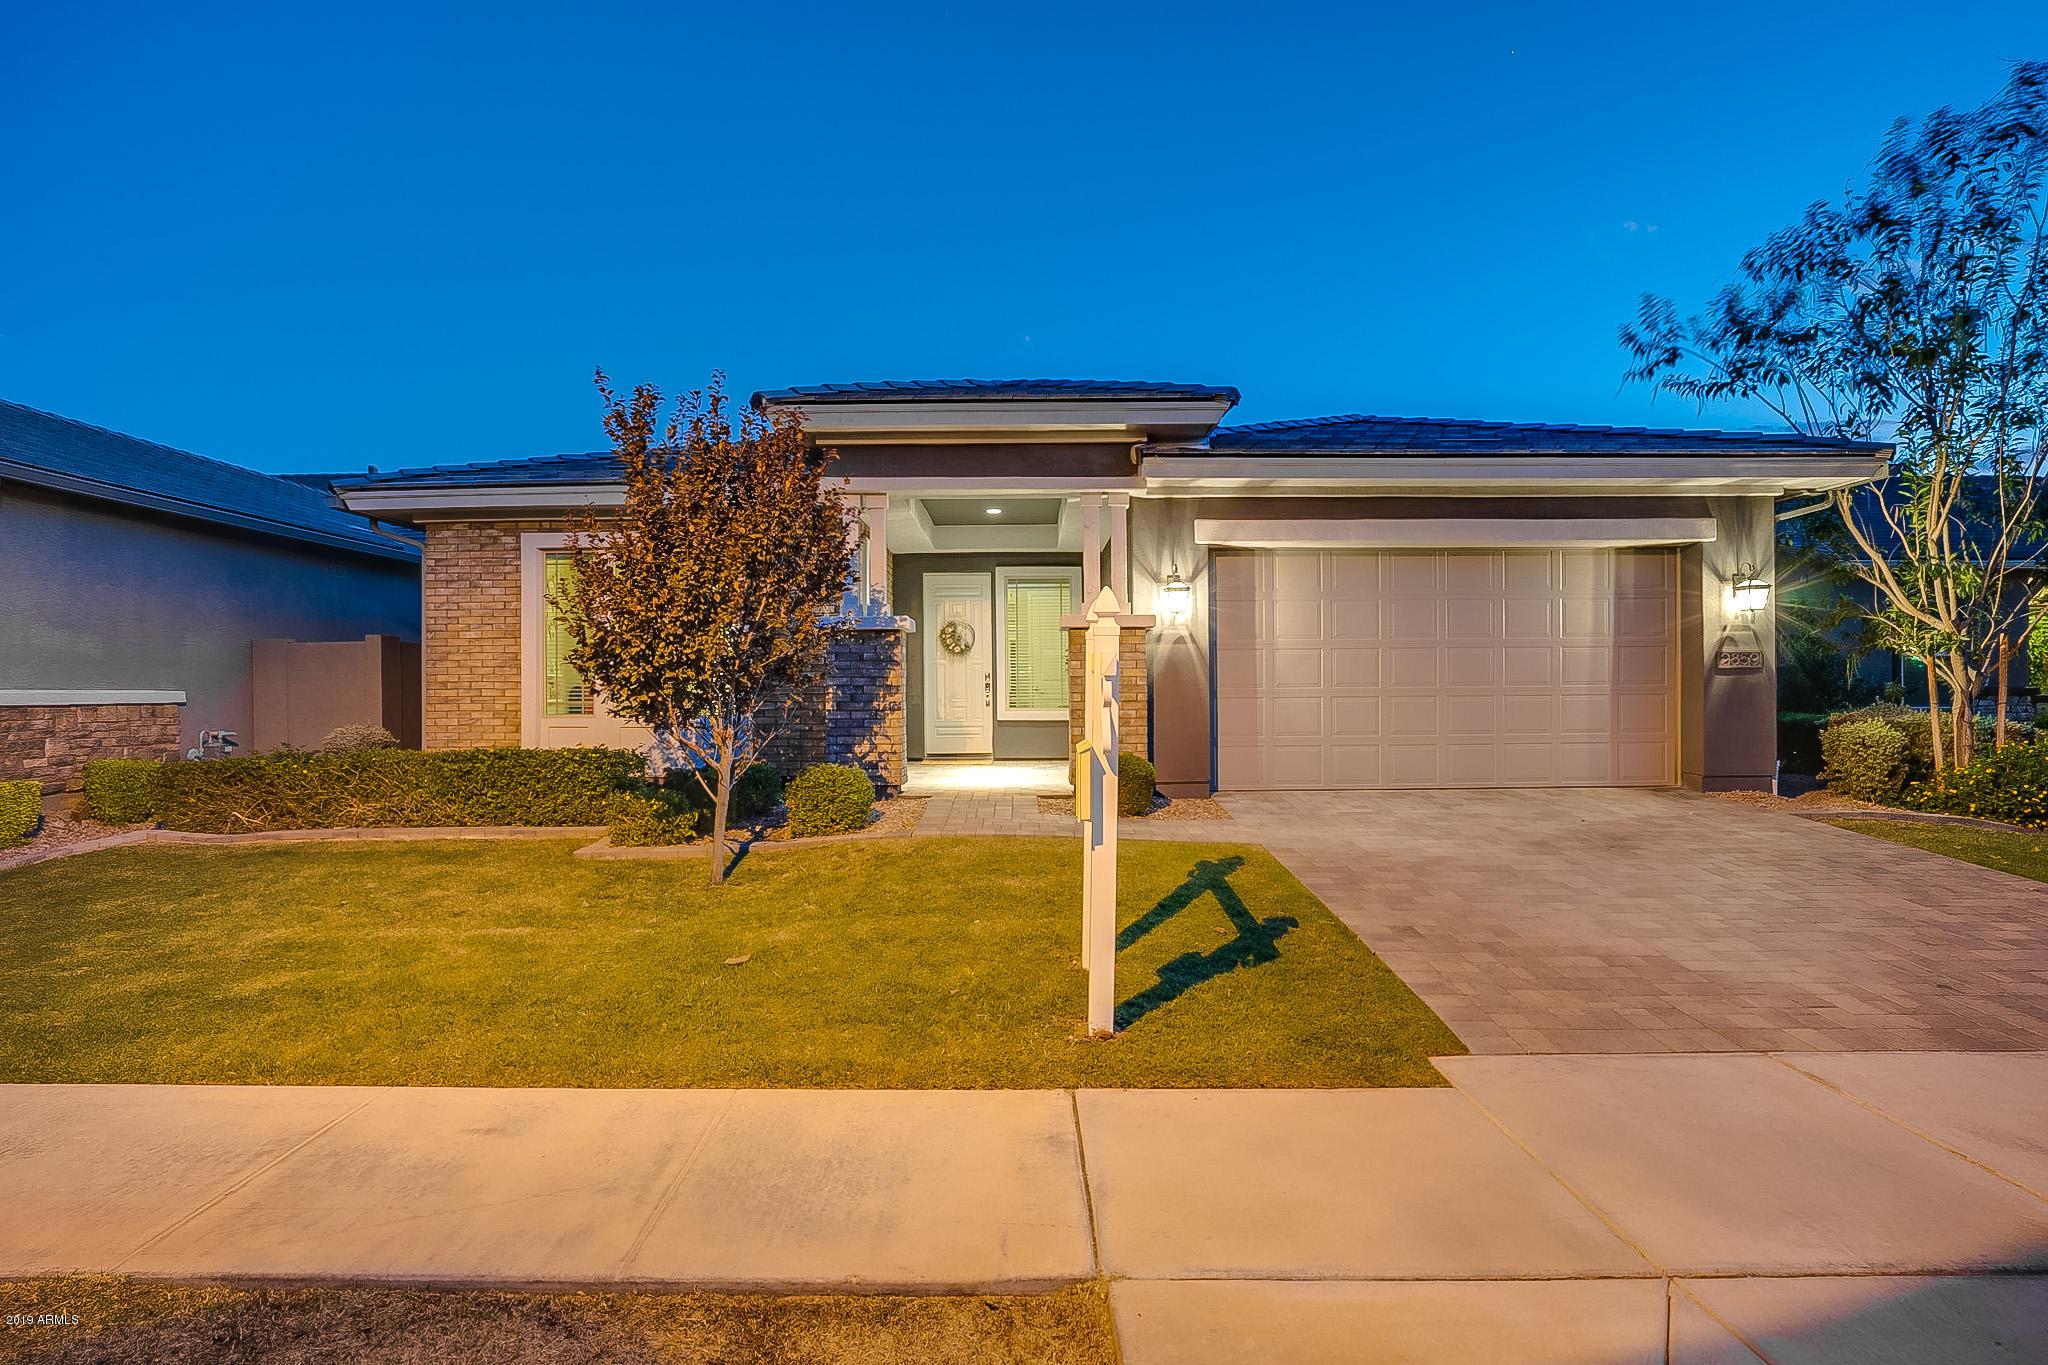 Photo of 2859 E APPALOOSA Road, Gilbert, AZ 85296